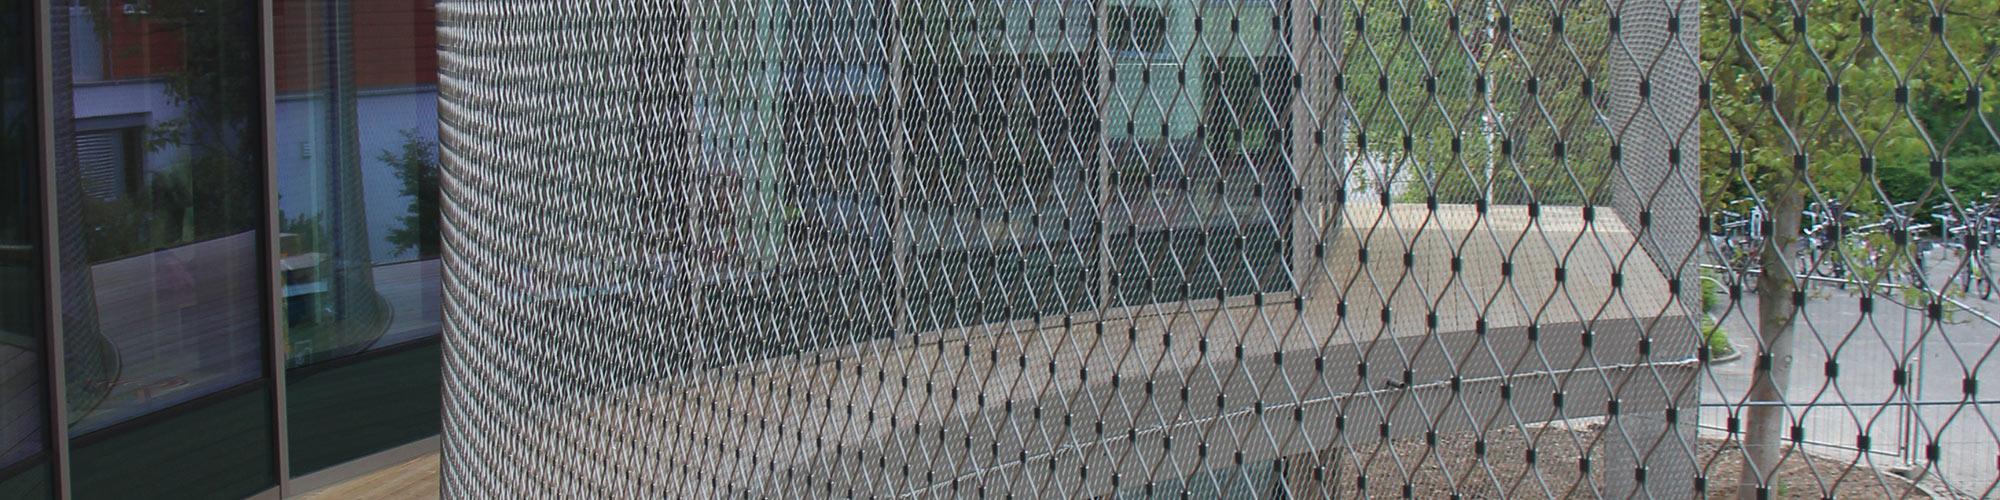 Fassadensicherung Edelstahl-Seilnetz X-TEND